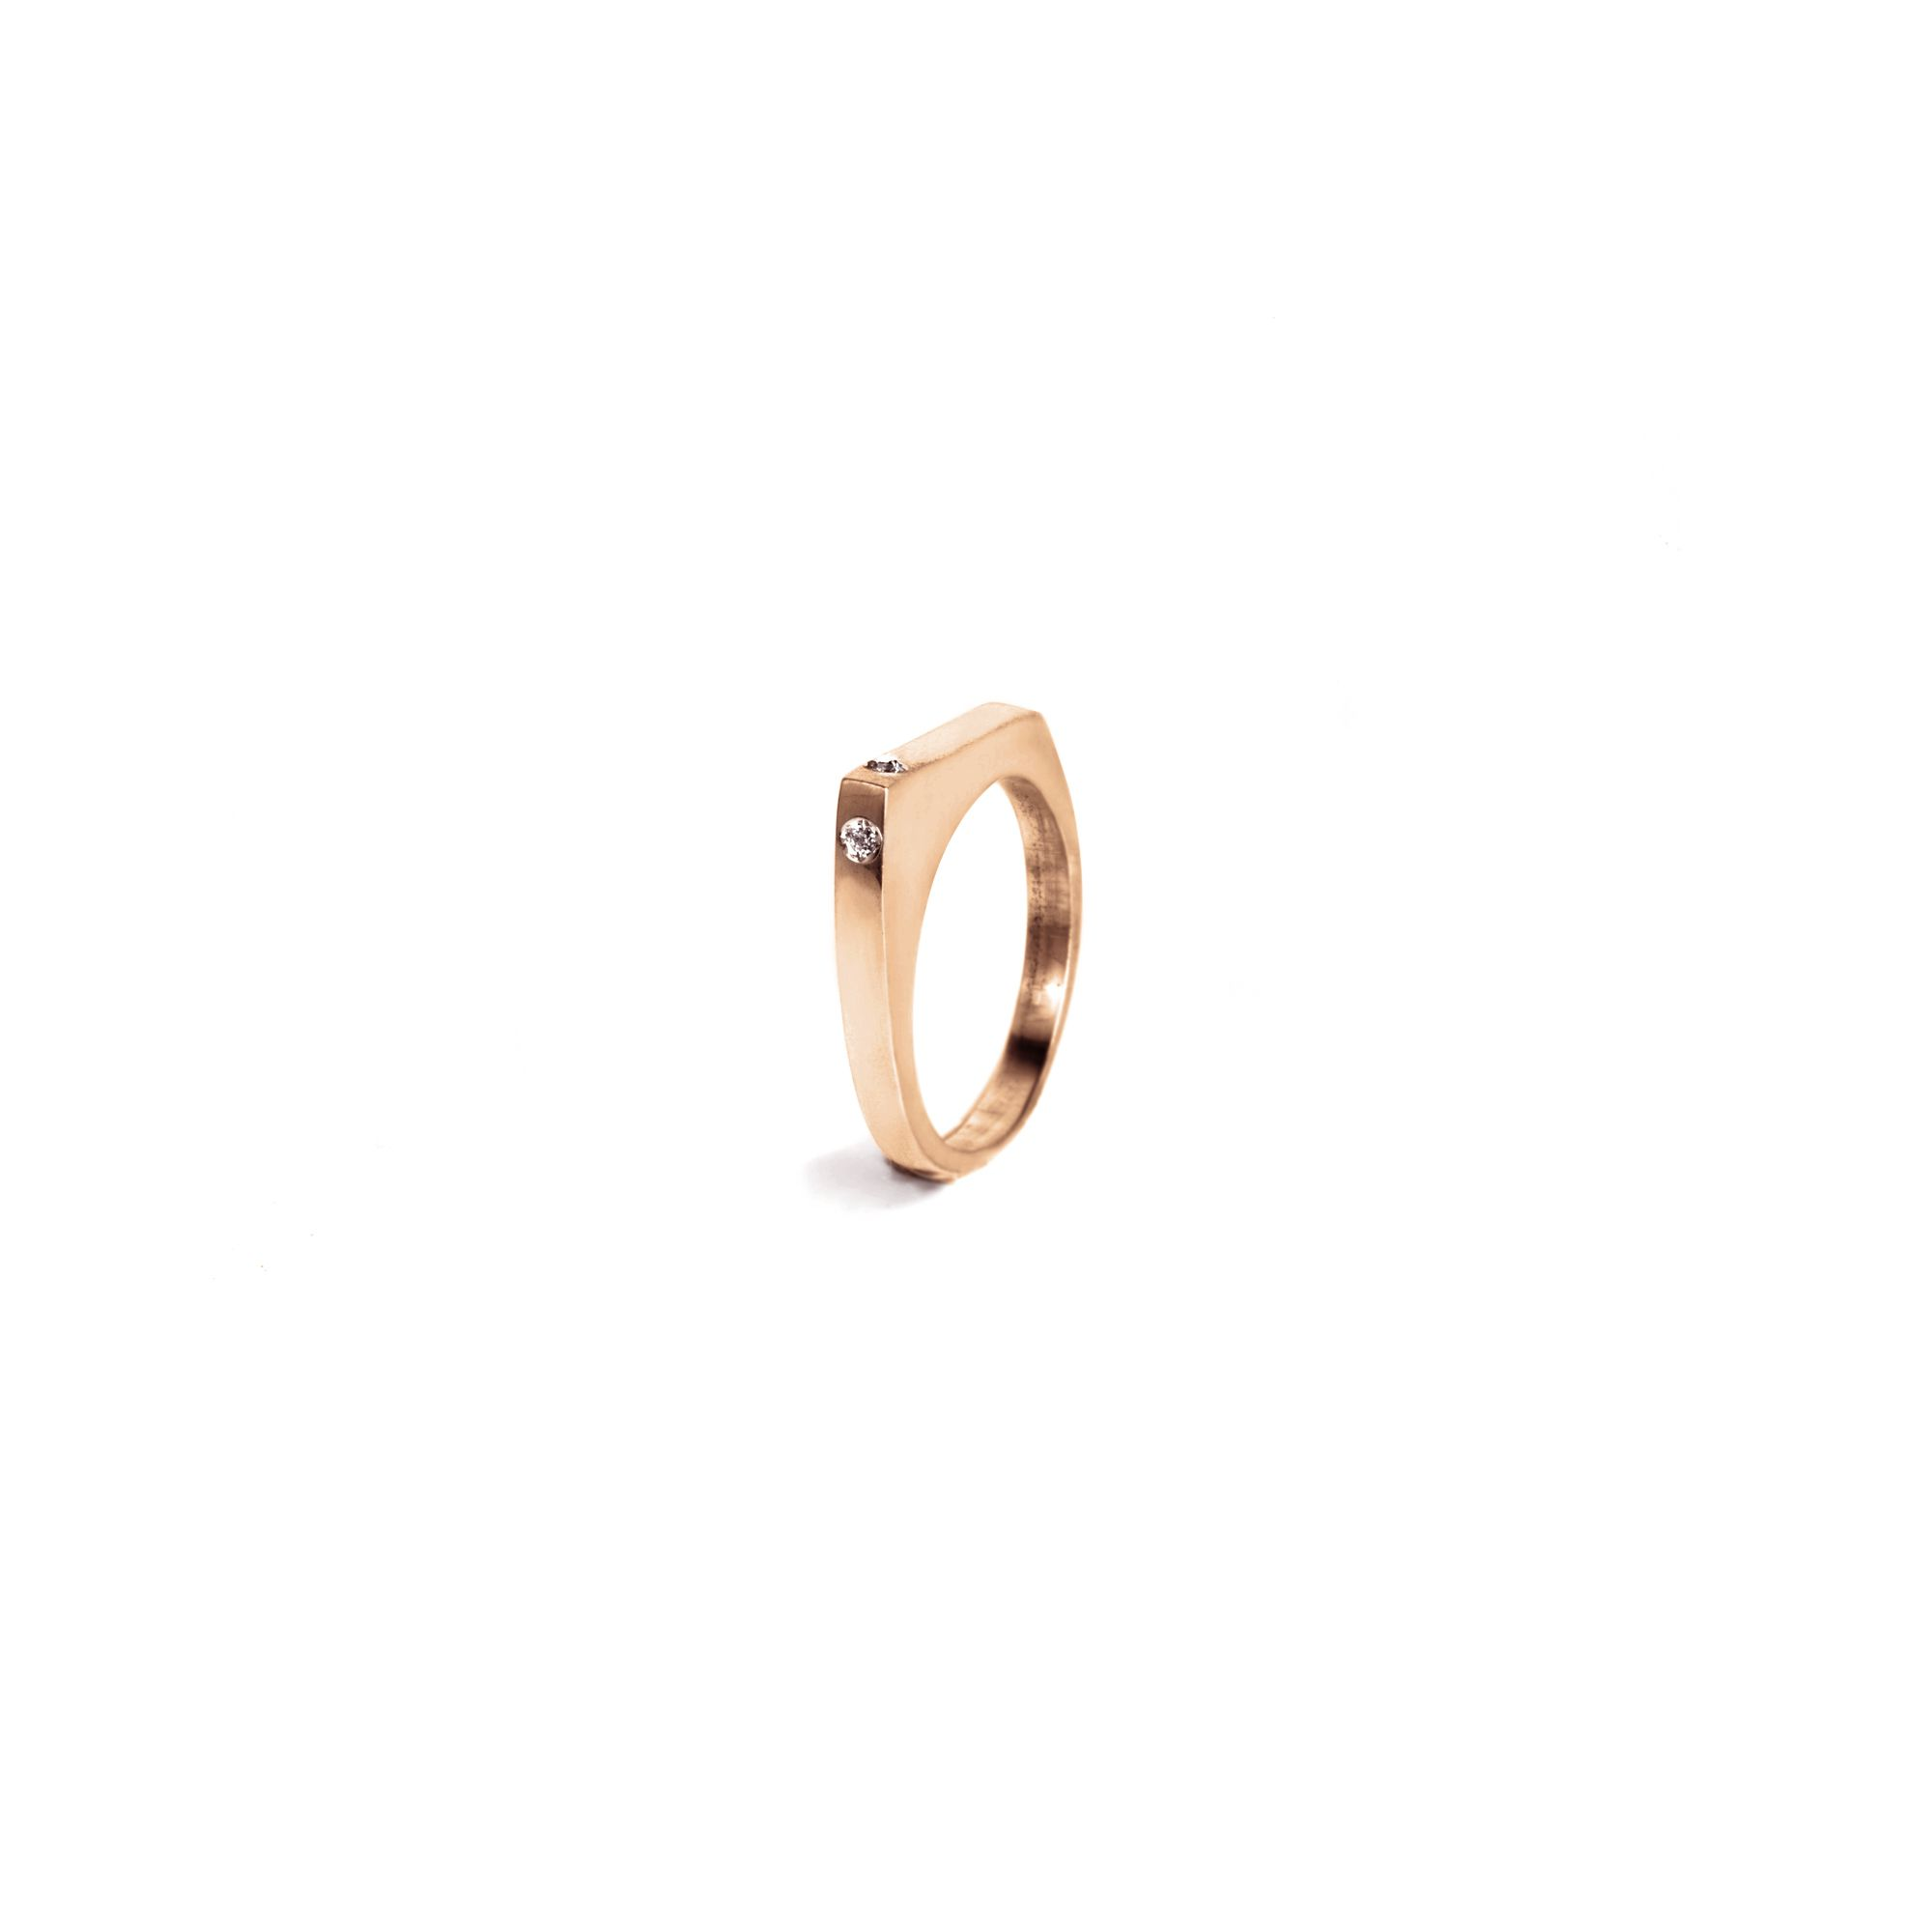 Anello modulare 'Congiunzioni' punta in oro rosa Anello in oro rosa 9k e diamanti bianchi